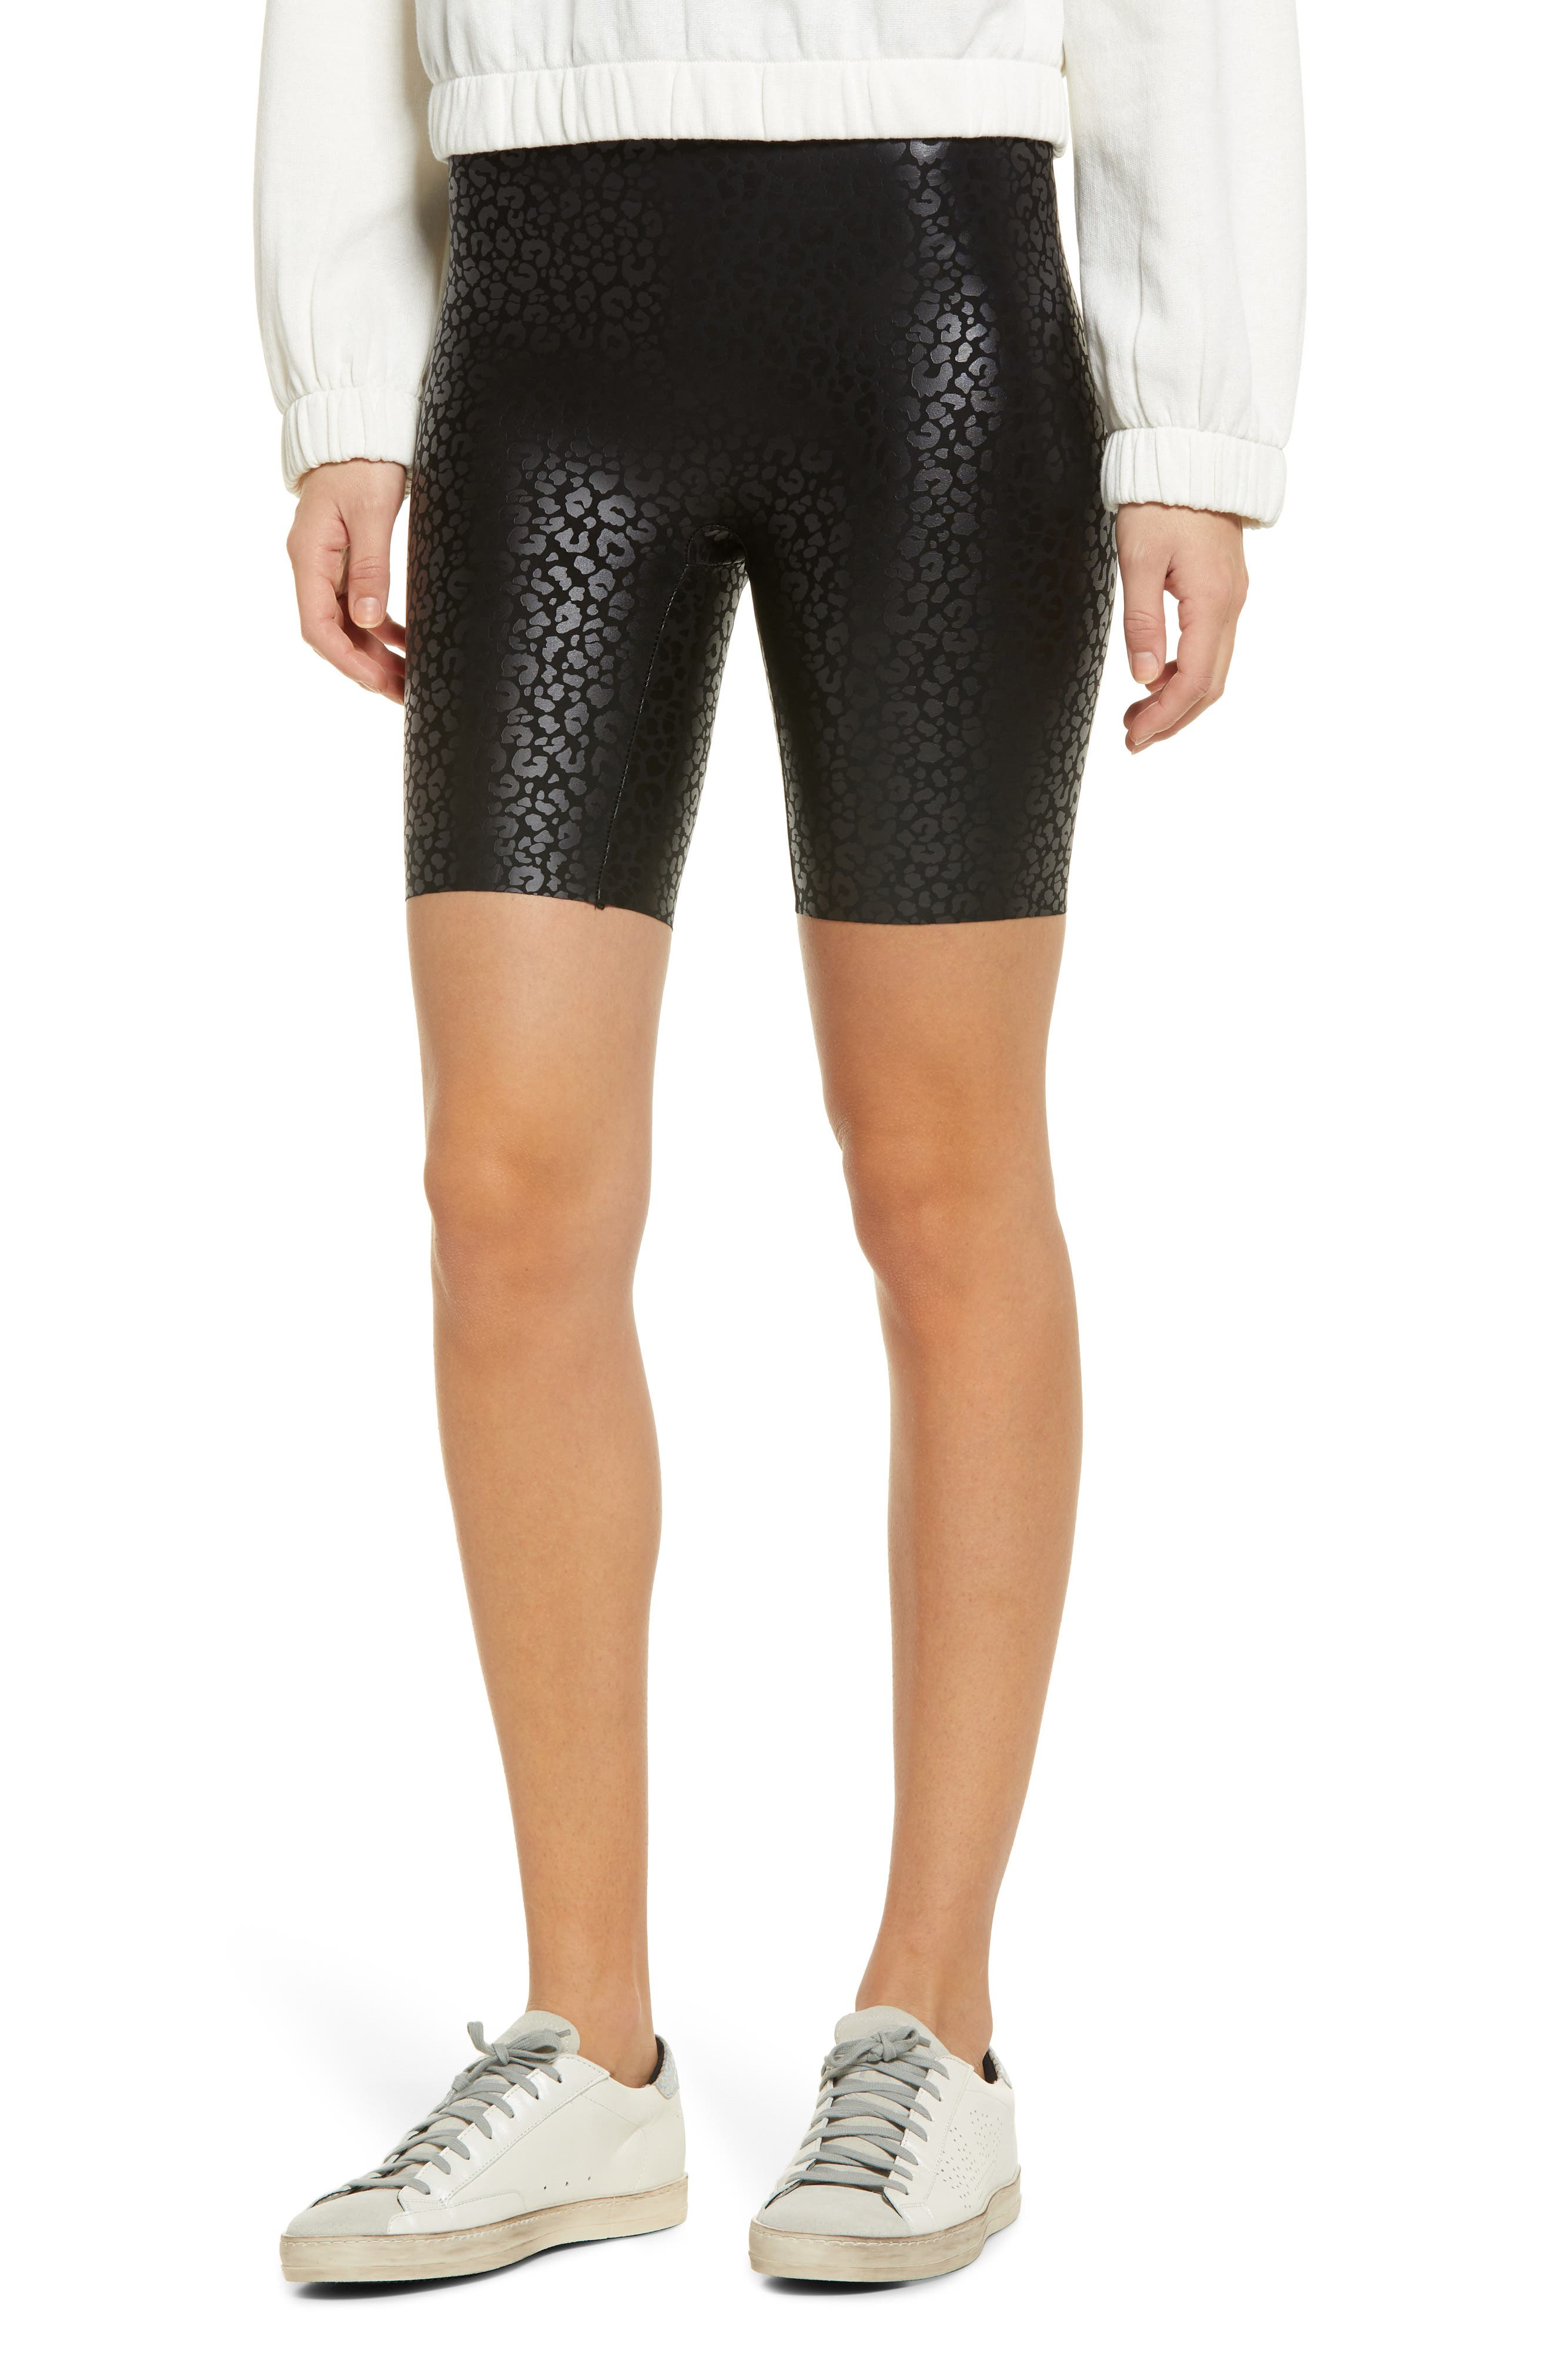 Sleek Effects Bike Shorts